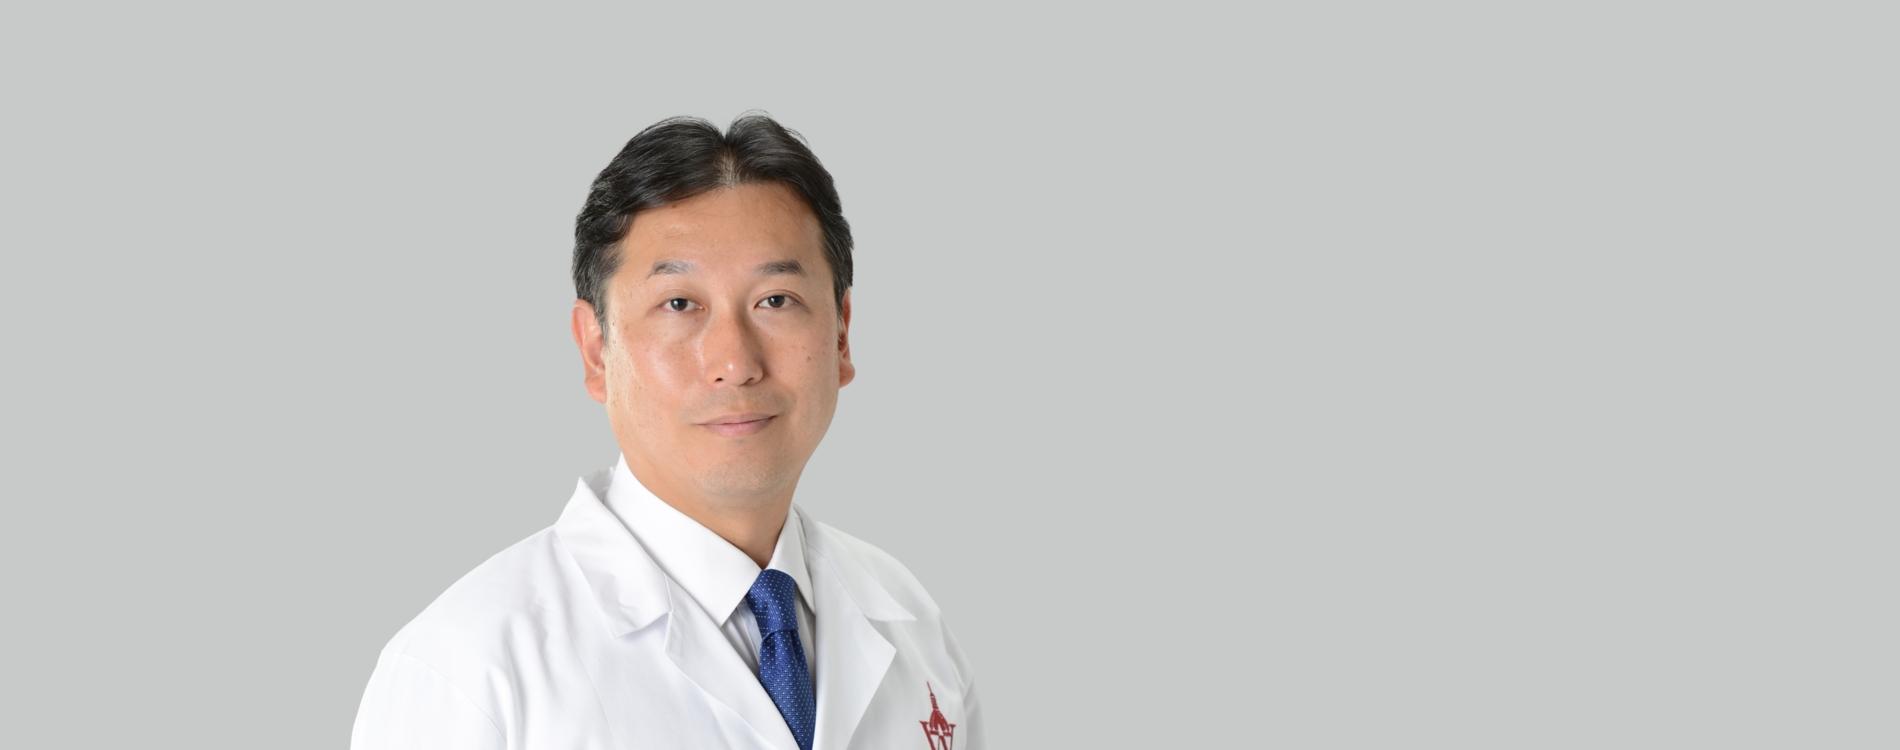 現役医師 吉田つねひこ